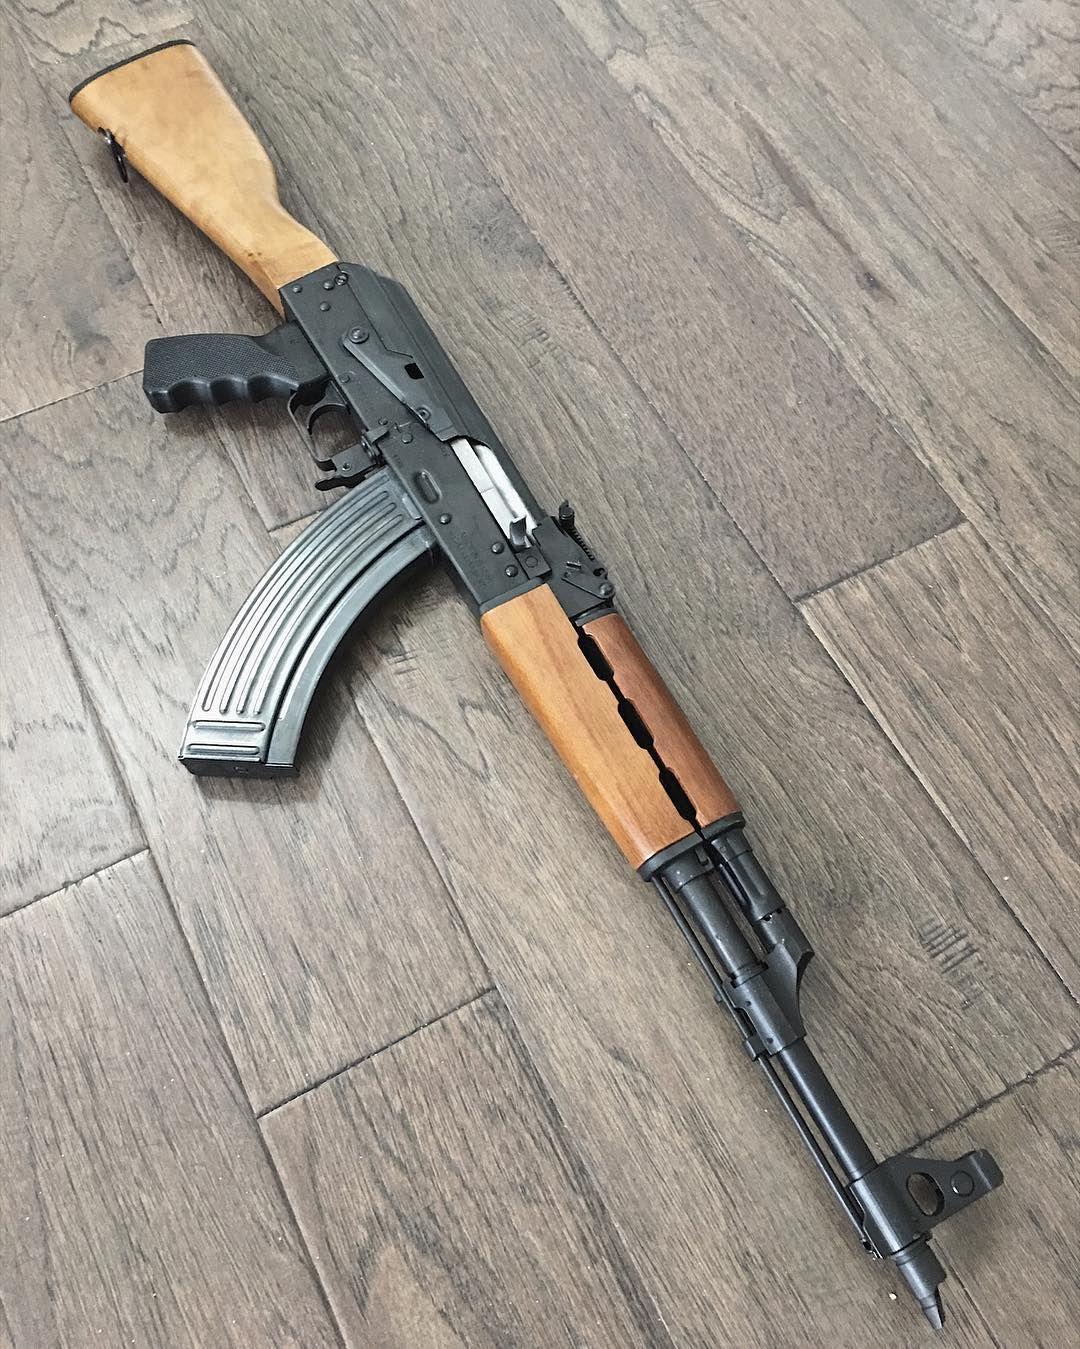 serbian npap m70 cosmoline operator ak akm ak47 rh pinterest com